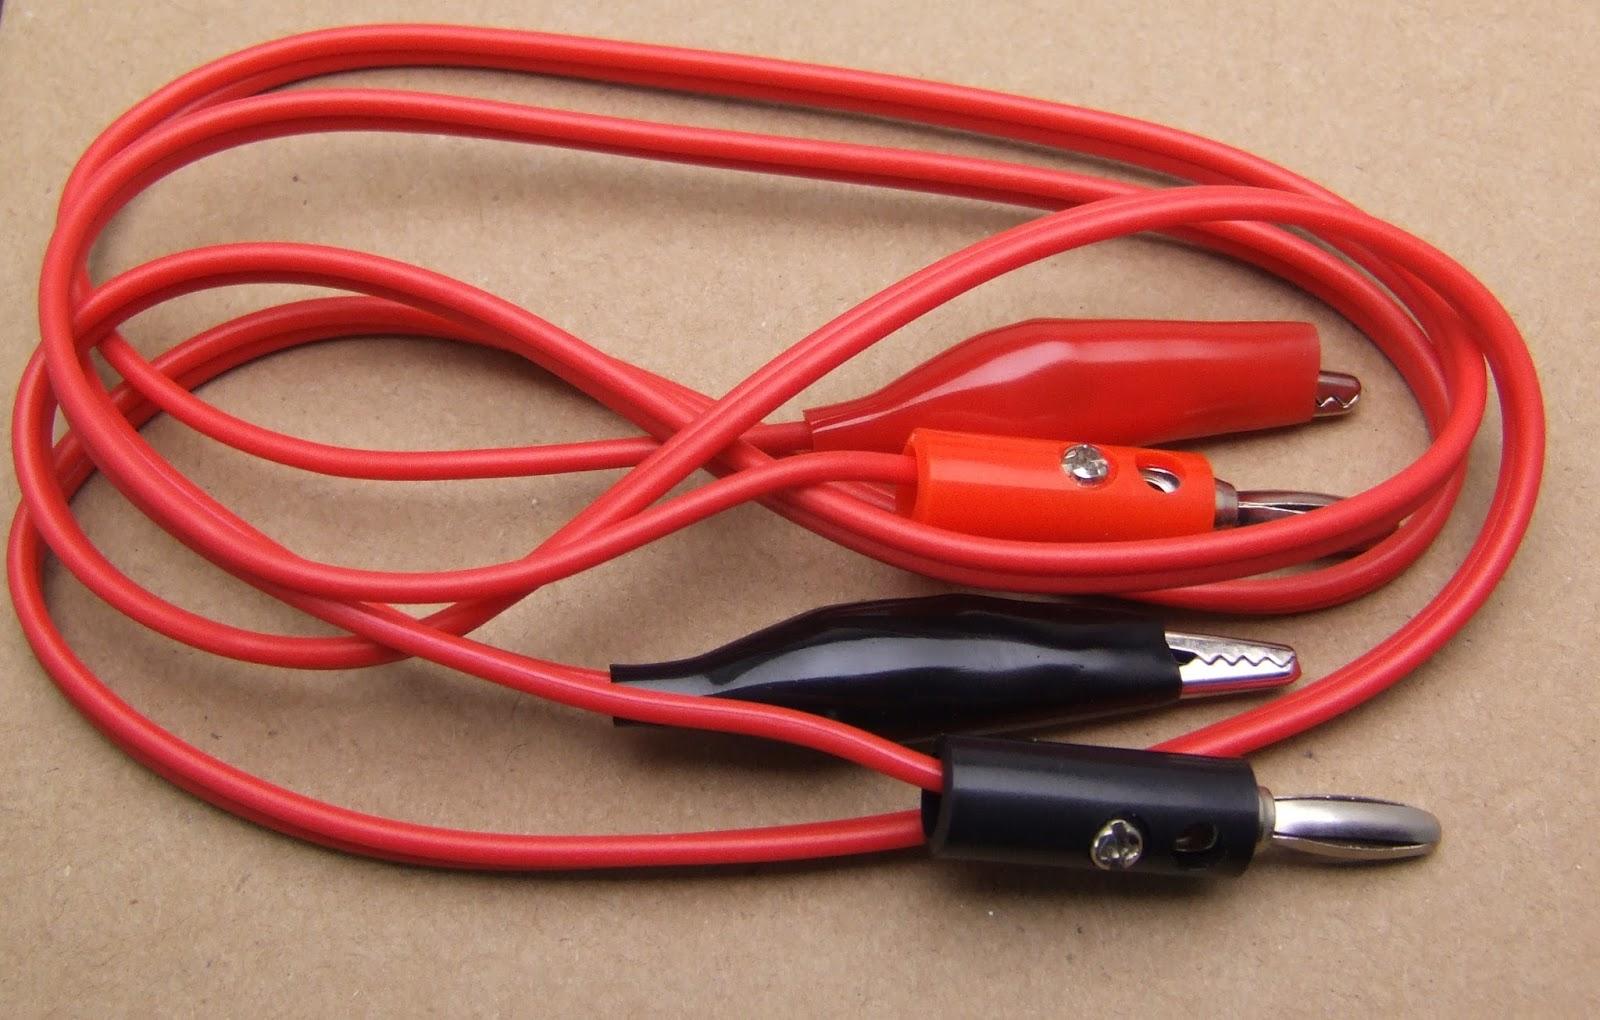 HydraRaptor: Beware fake wire!